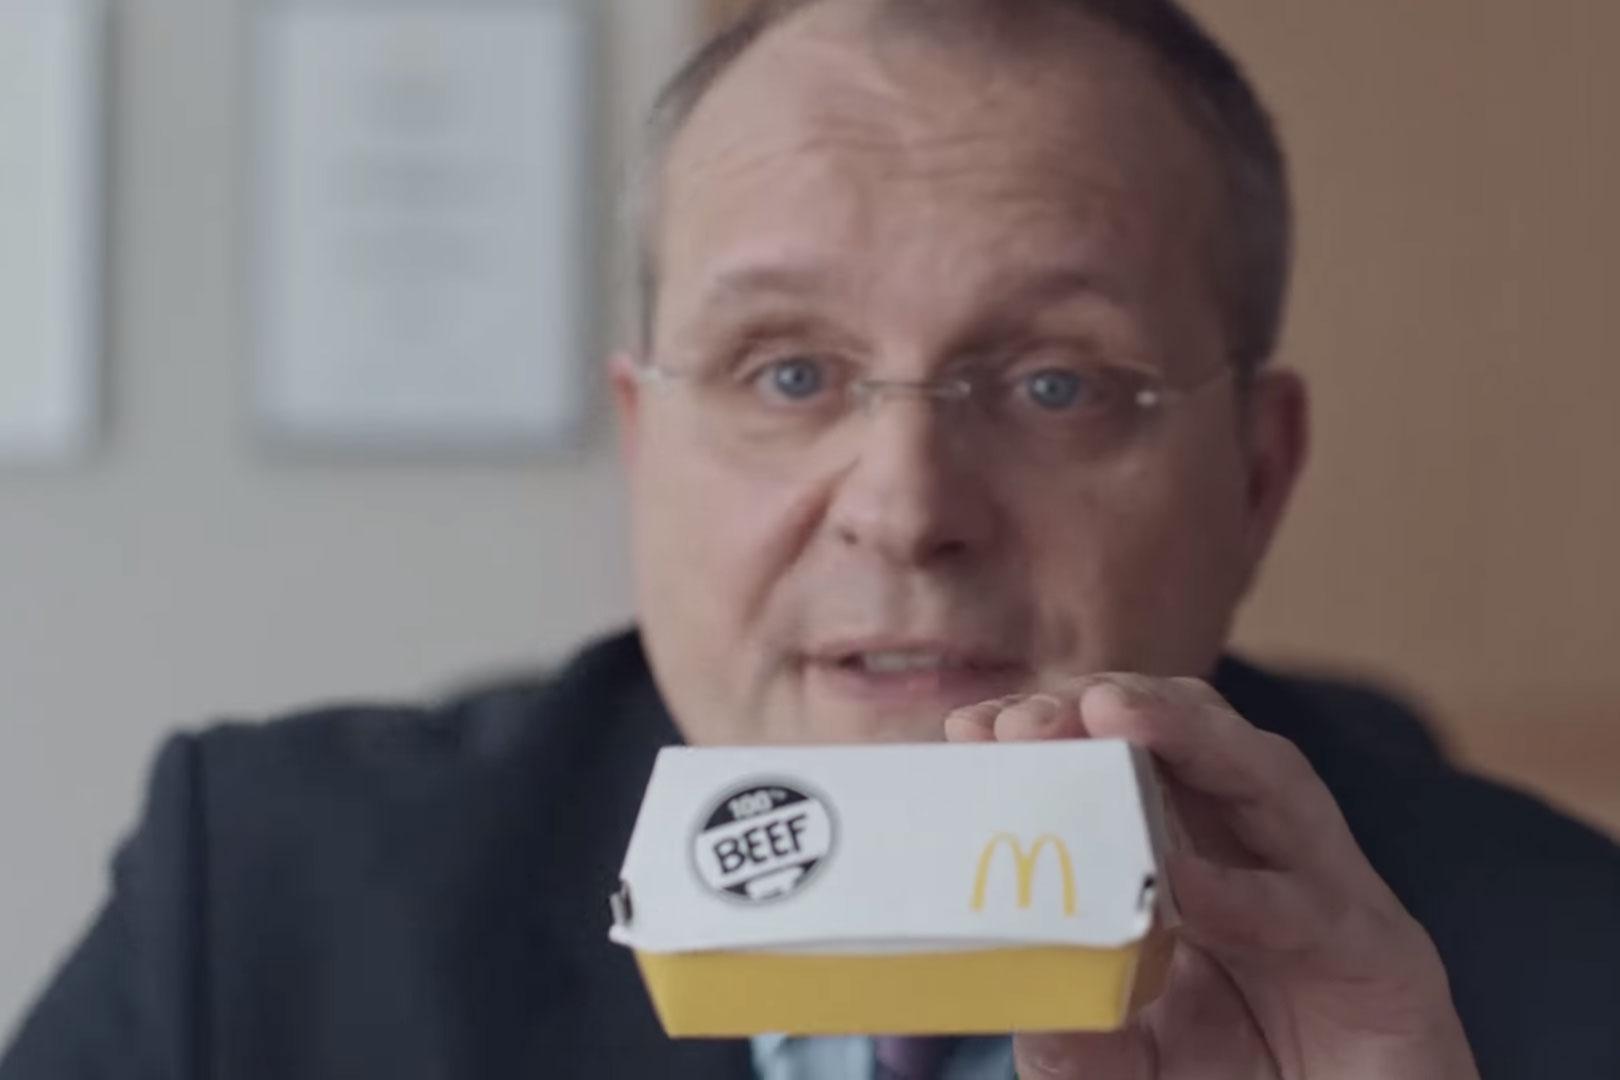 Plastik, Menschenfleisch oder doch Baumwolle? - Was steckt eigentlich im Patty von McDonald's